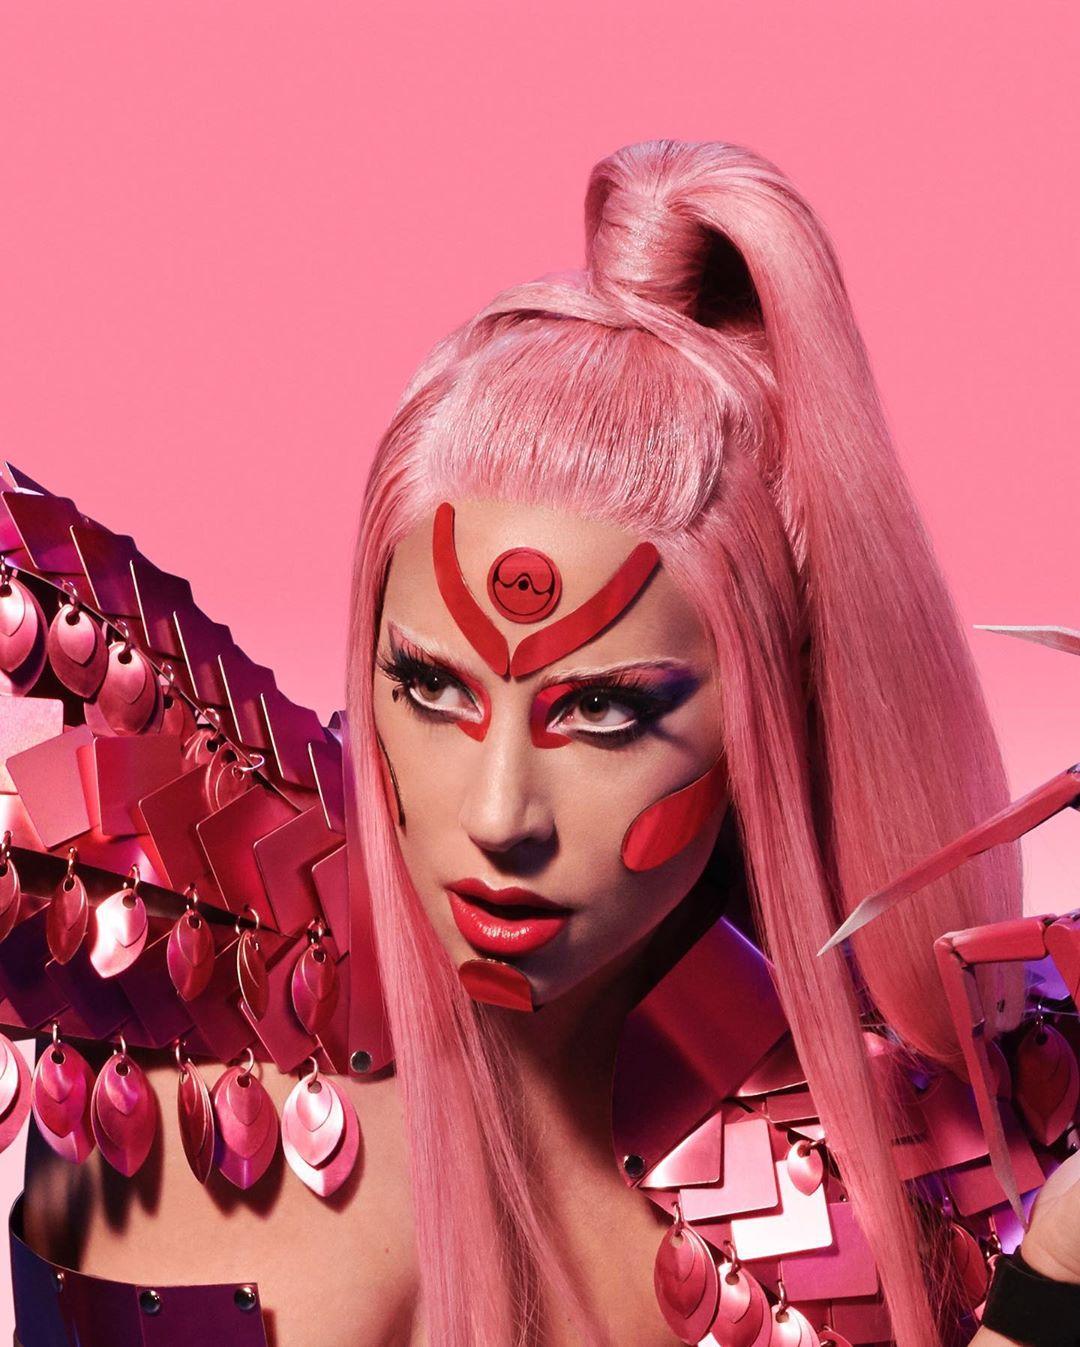 10 lanzamientos recientes que debes escuchar: Lady Gaga + Grimes + Harry Styles y más